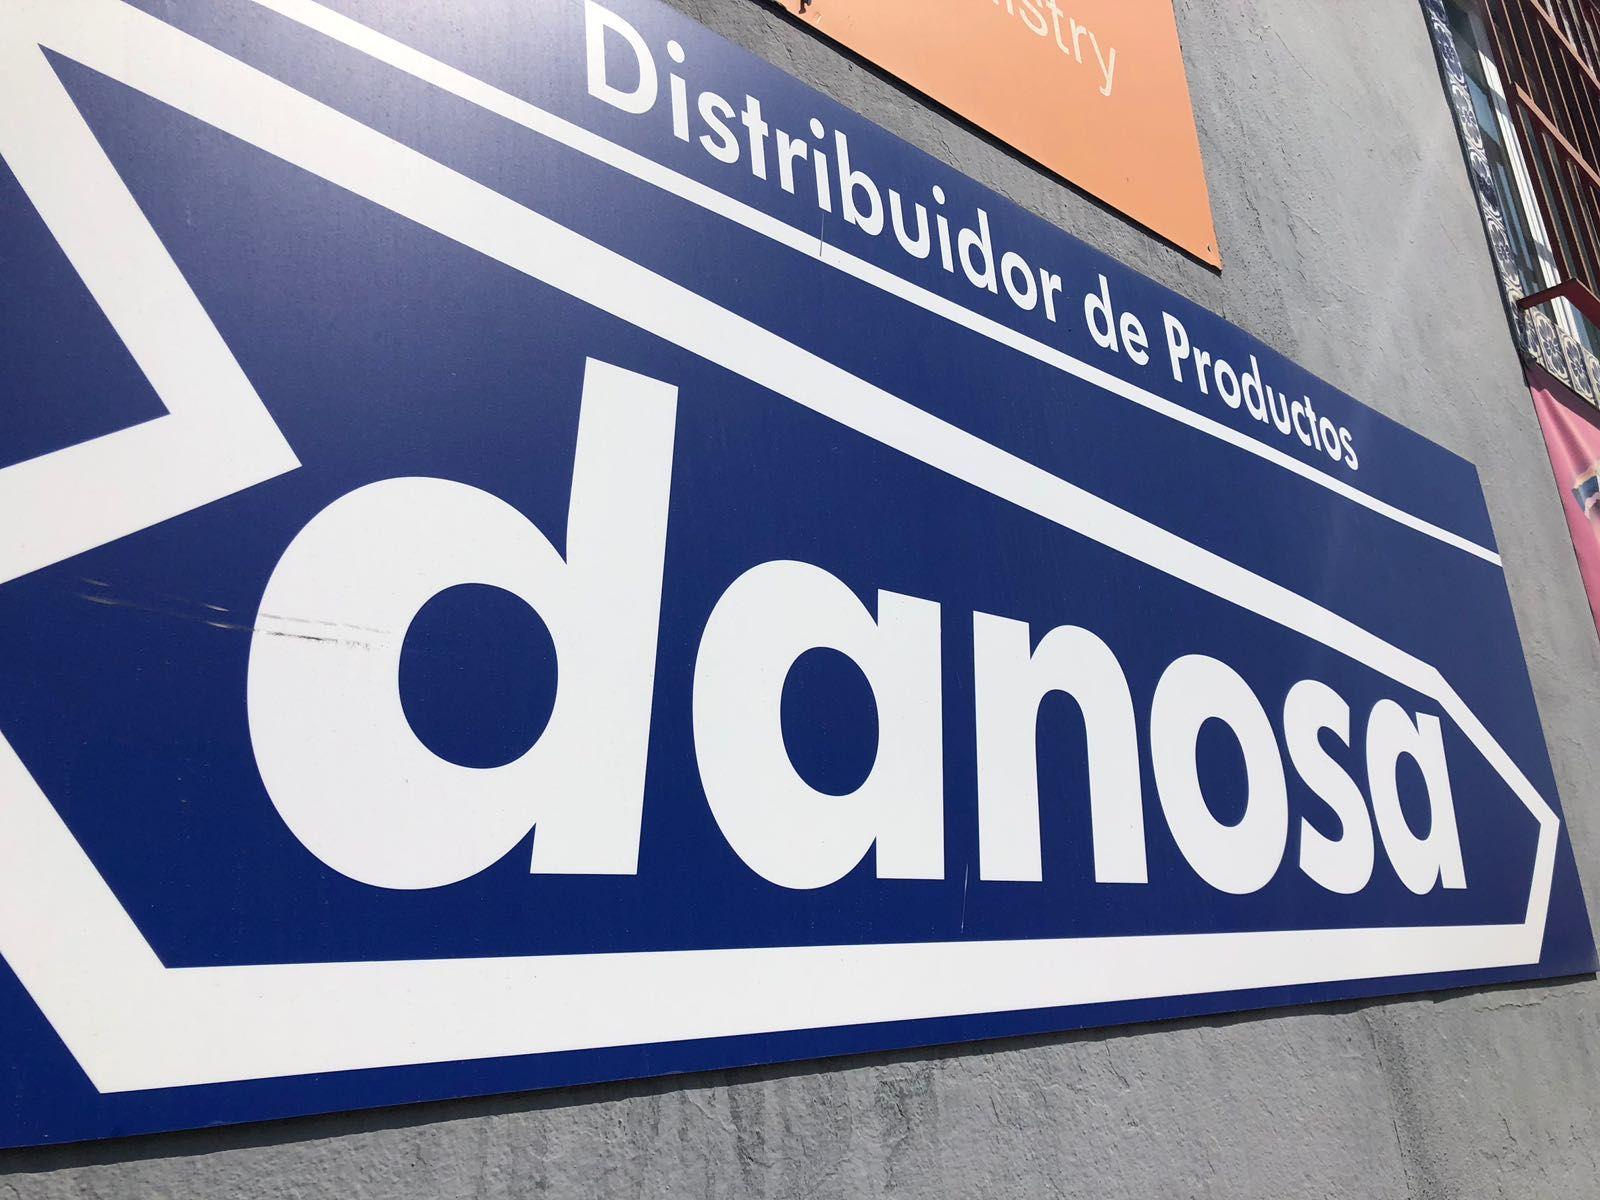 Distribución de maquinaria en Málaga